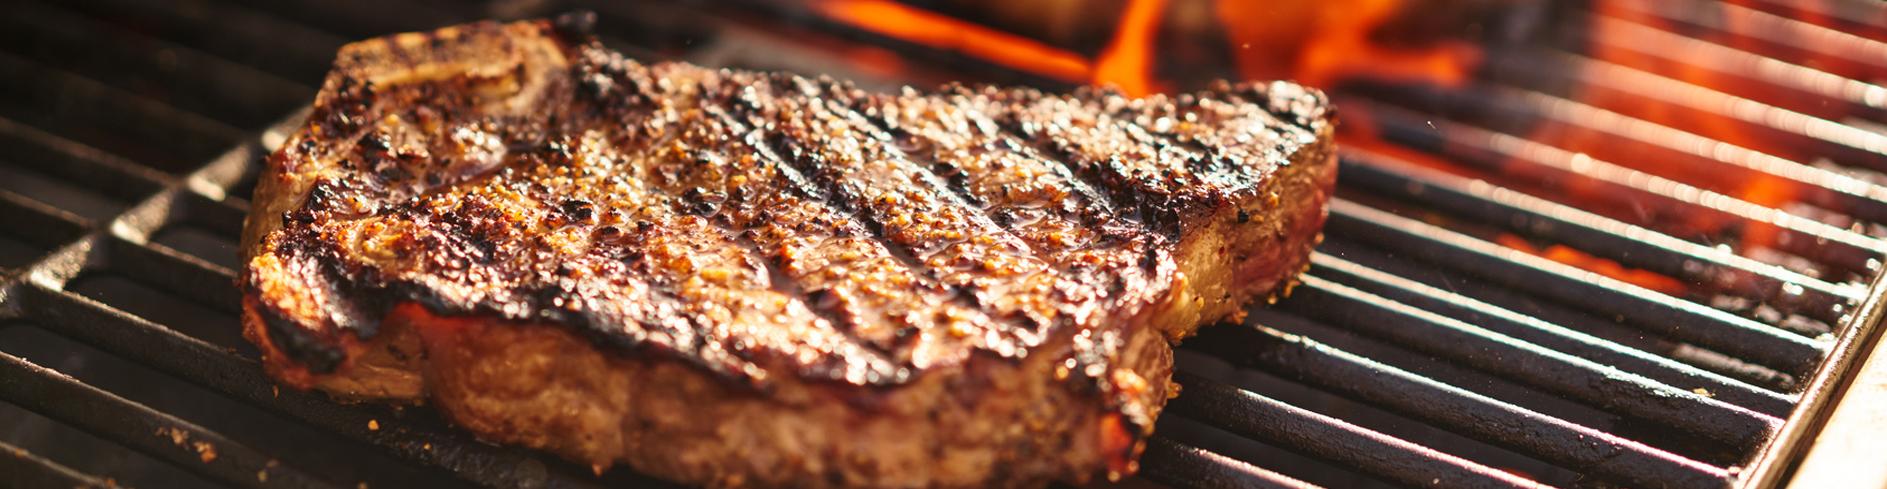 menu di carne cosenza